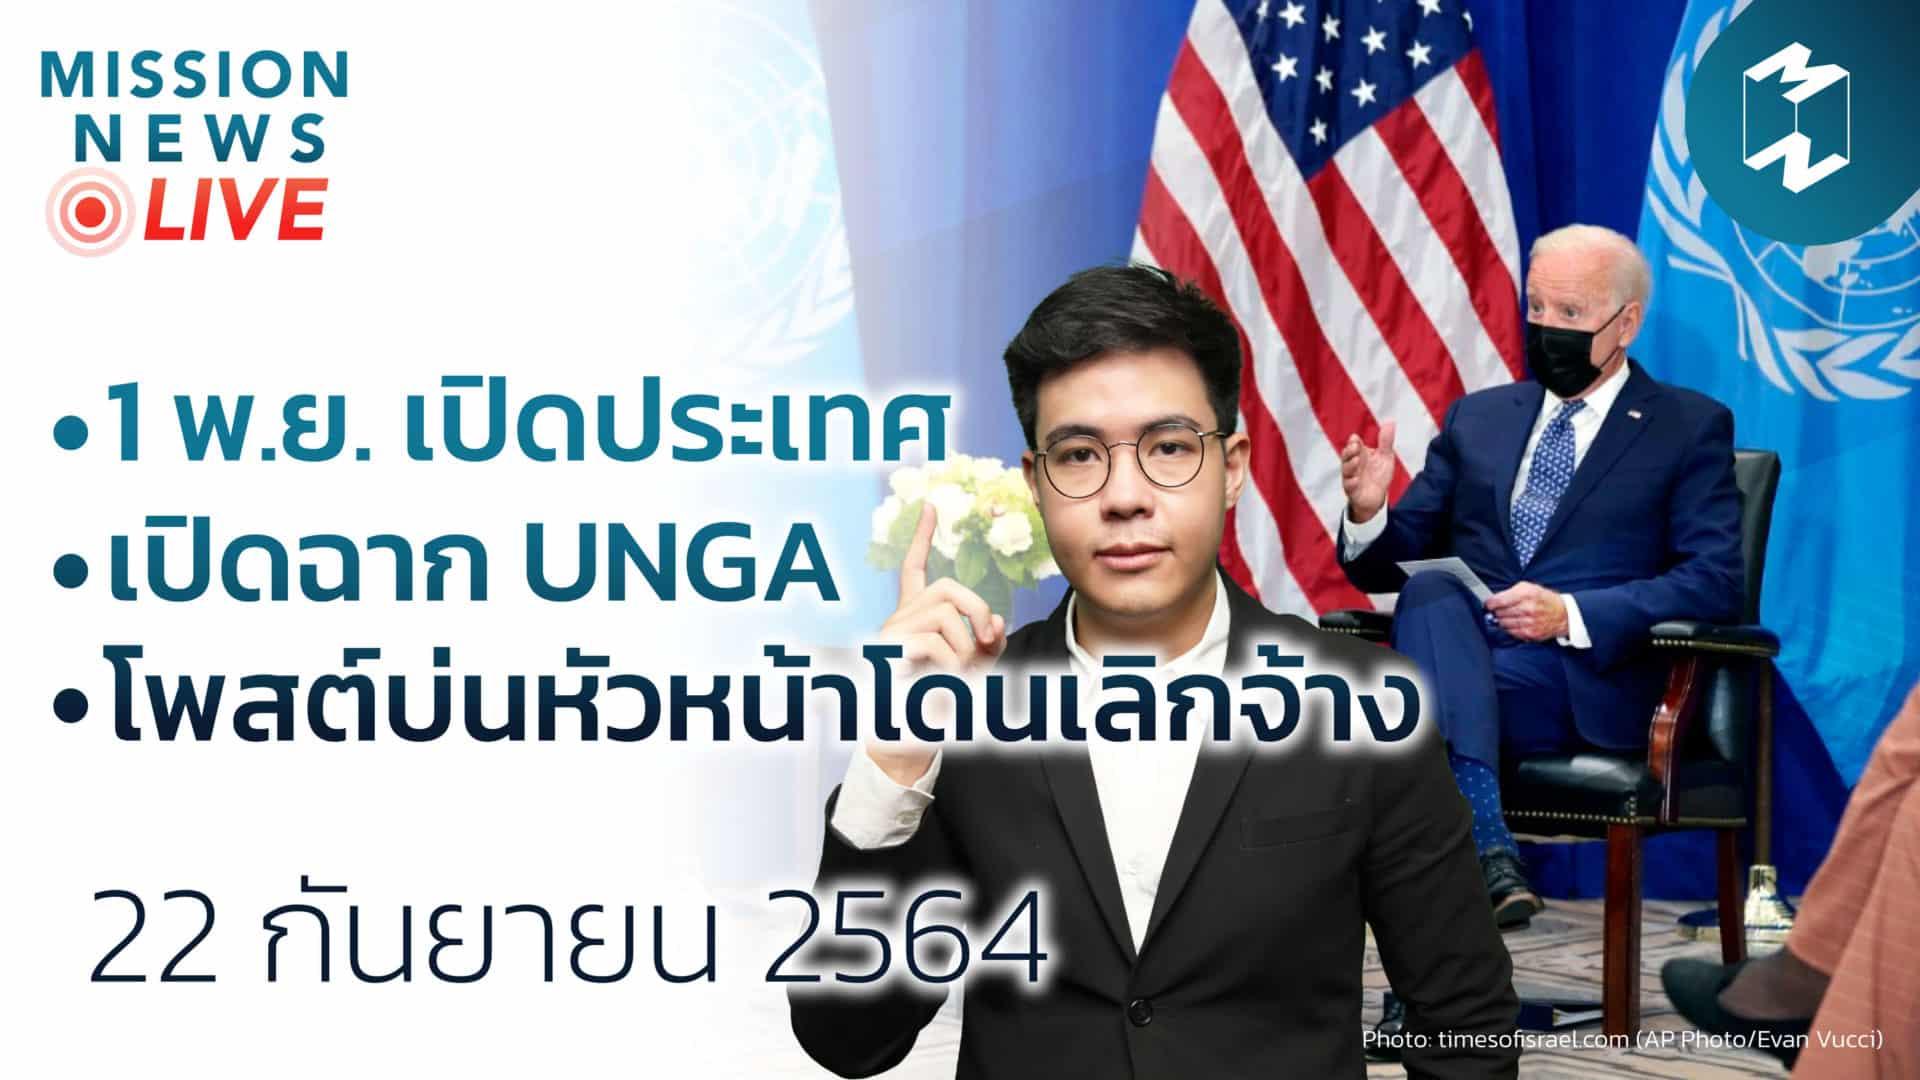 เปิดฉาก! UN General Assembly ส่องทิศทางโลกปี 2021 | Mission News 22 ก.ย. 21